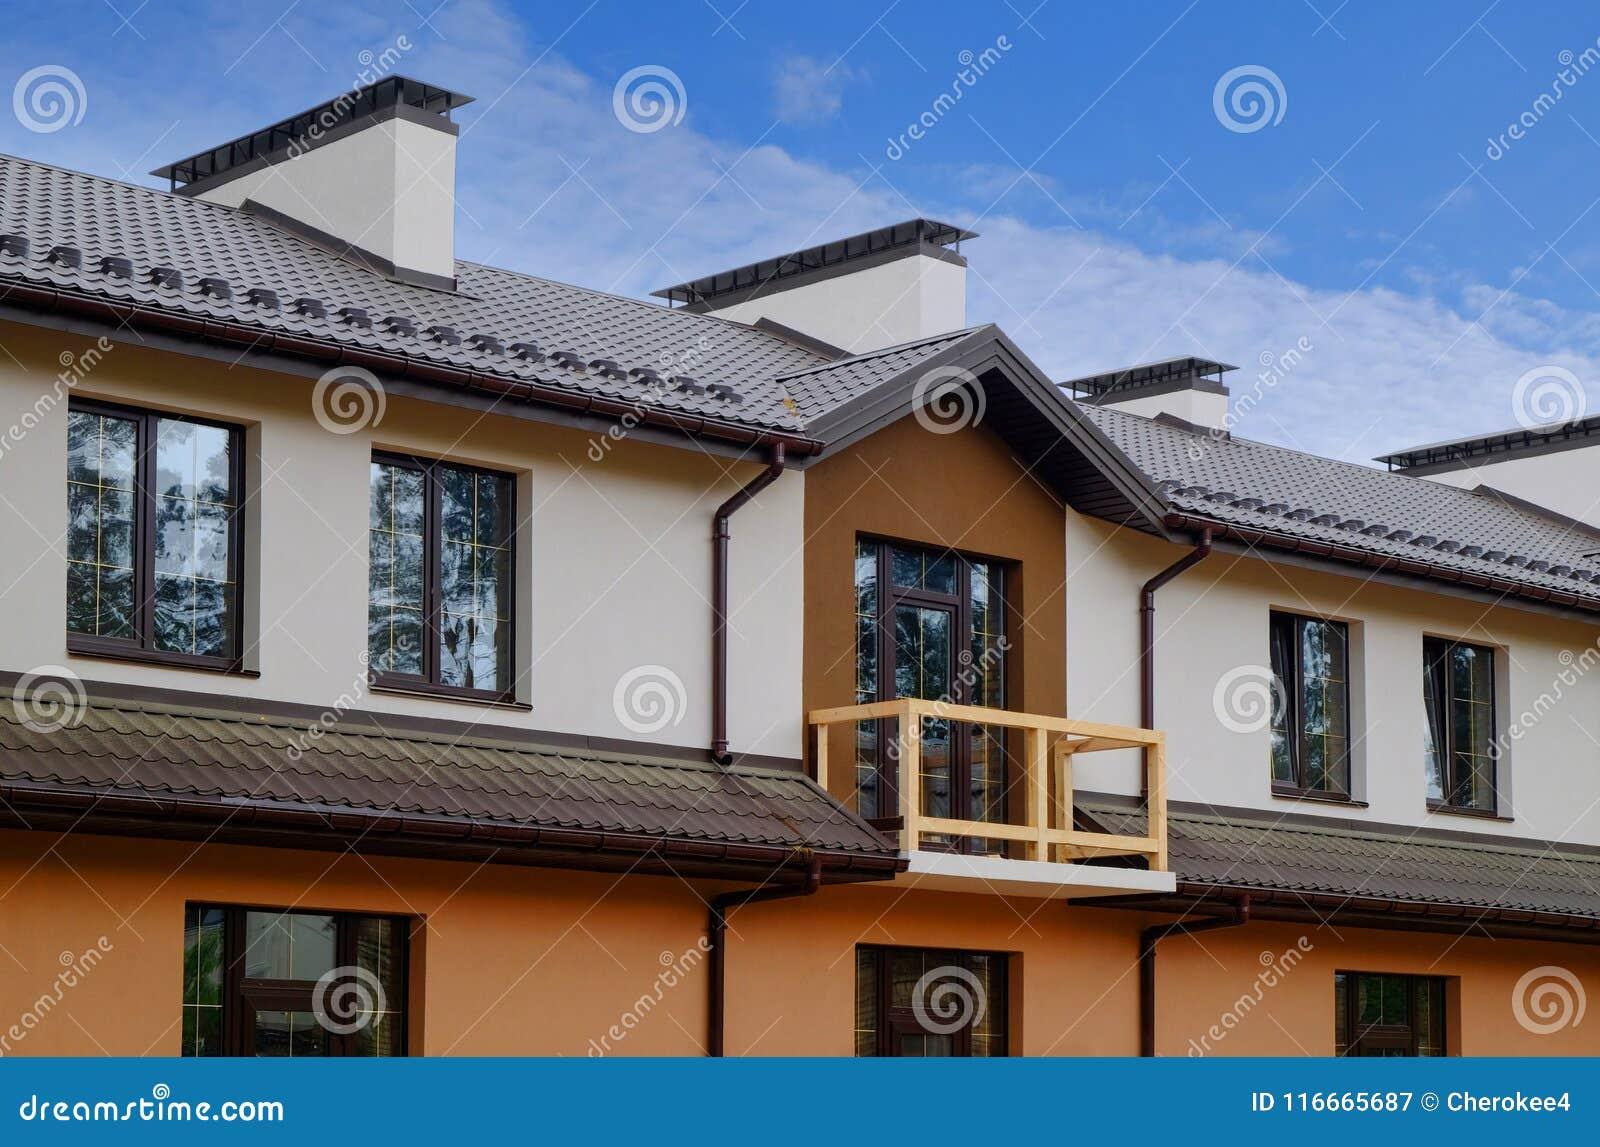 Neues Hauschenhaus Mit Metalldach Regengosse Und Balkon Kamin Und